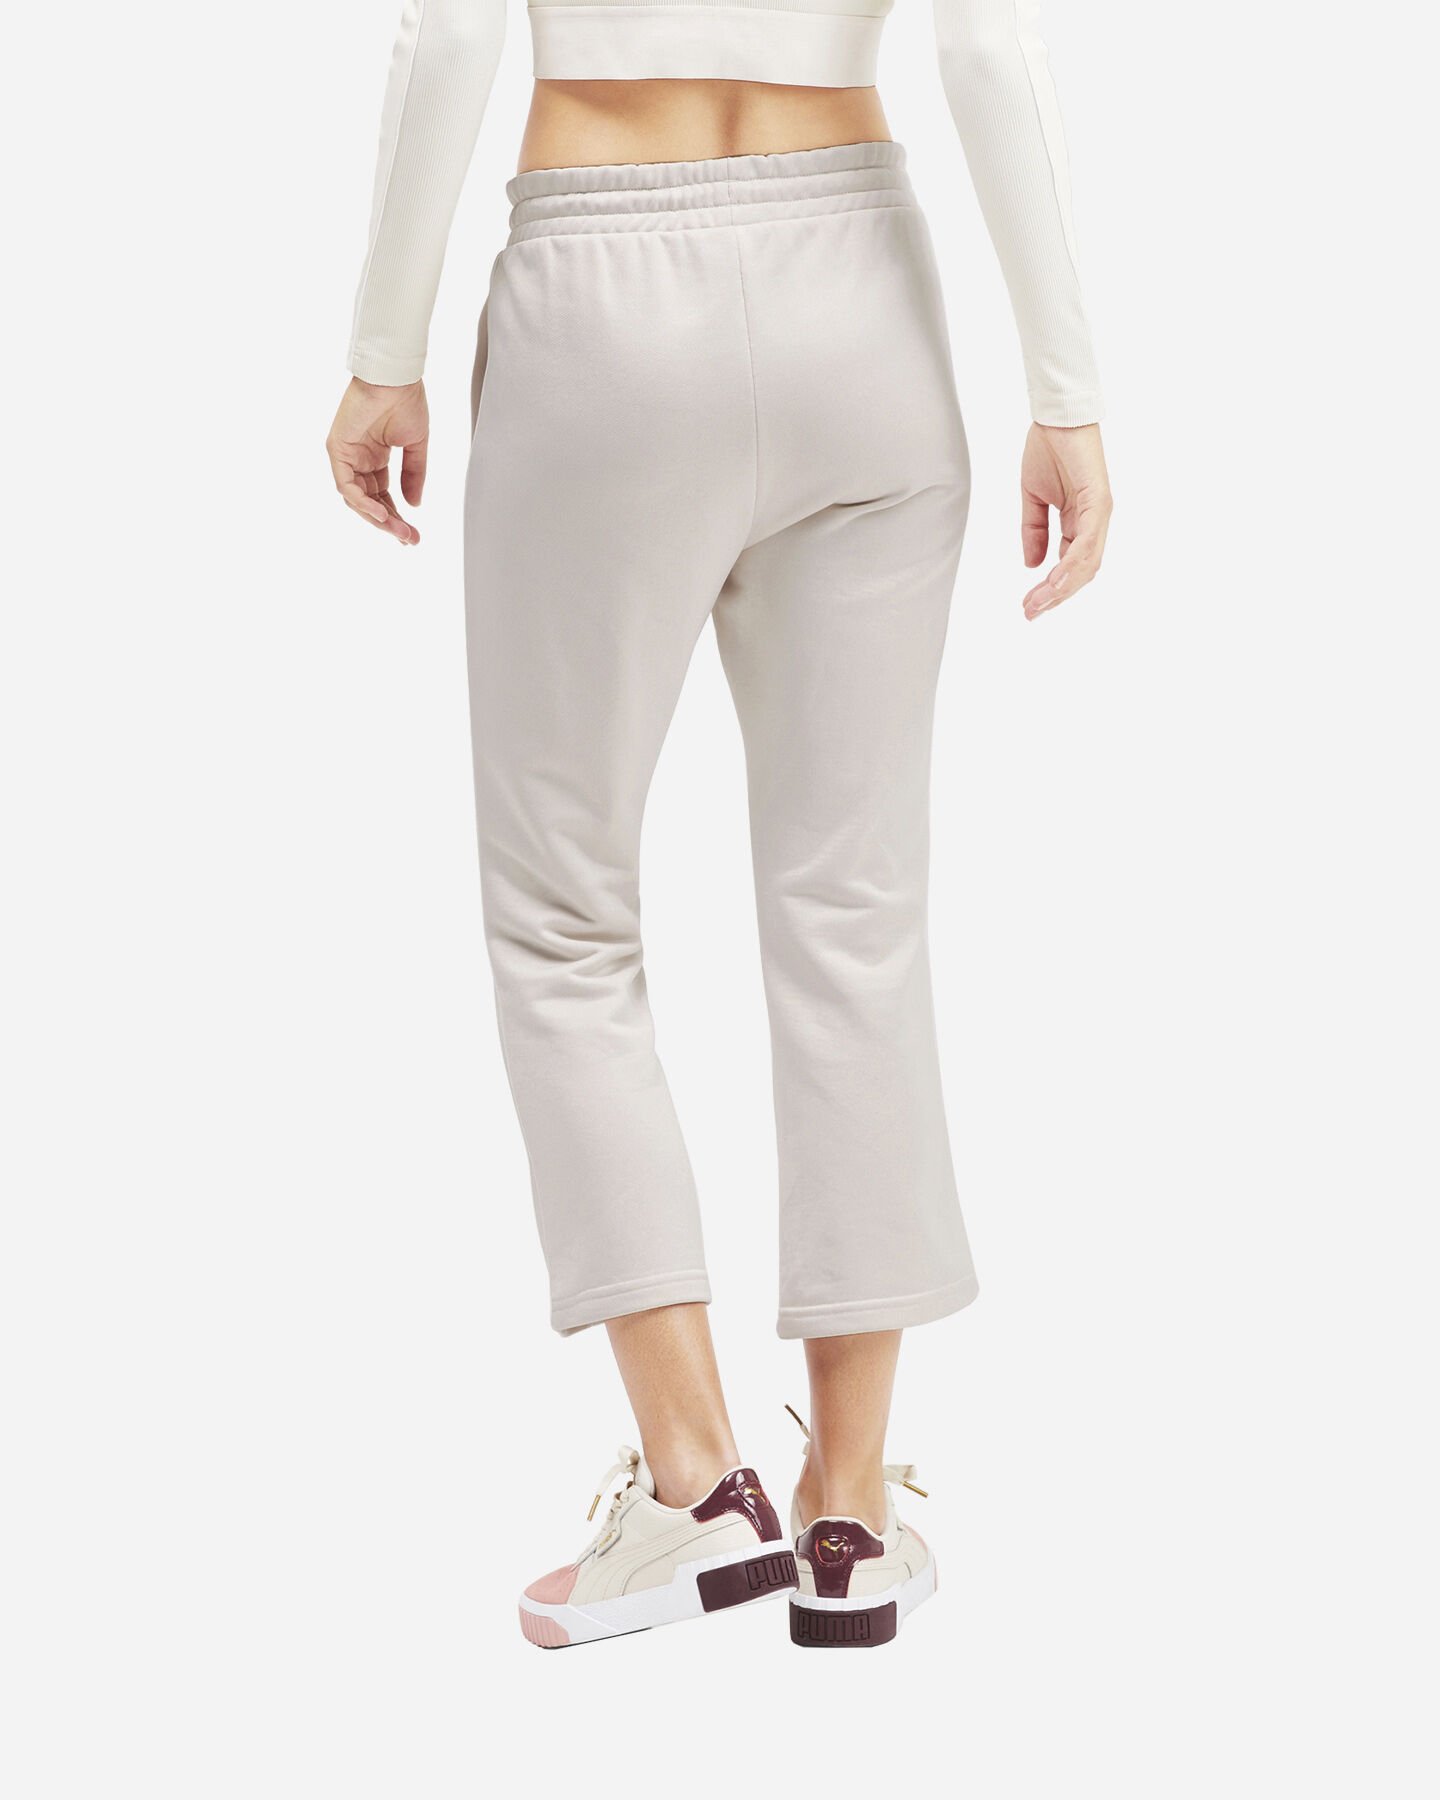 Pantalone PUMA CALI W S5096039 scatto 3